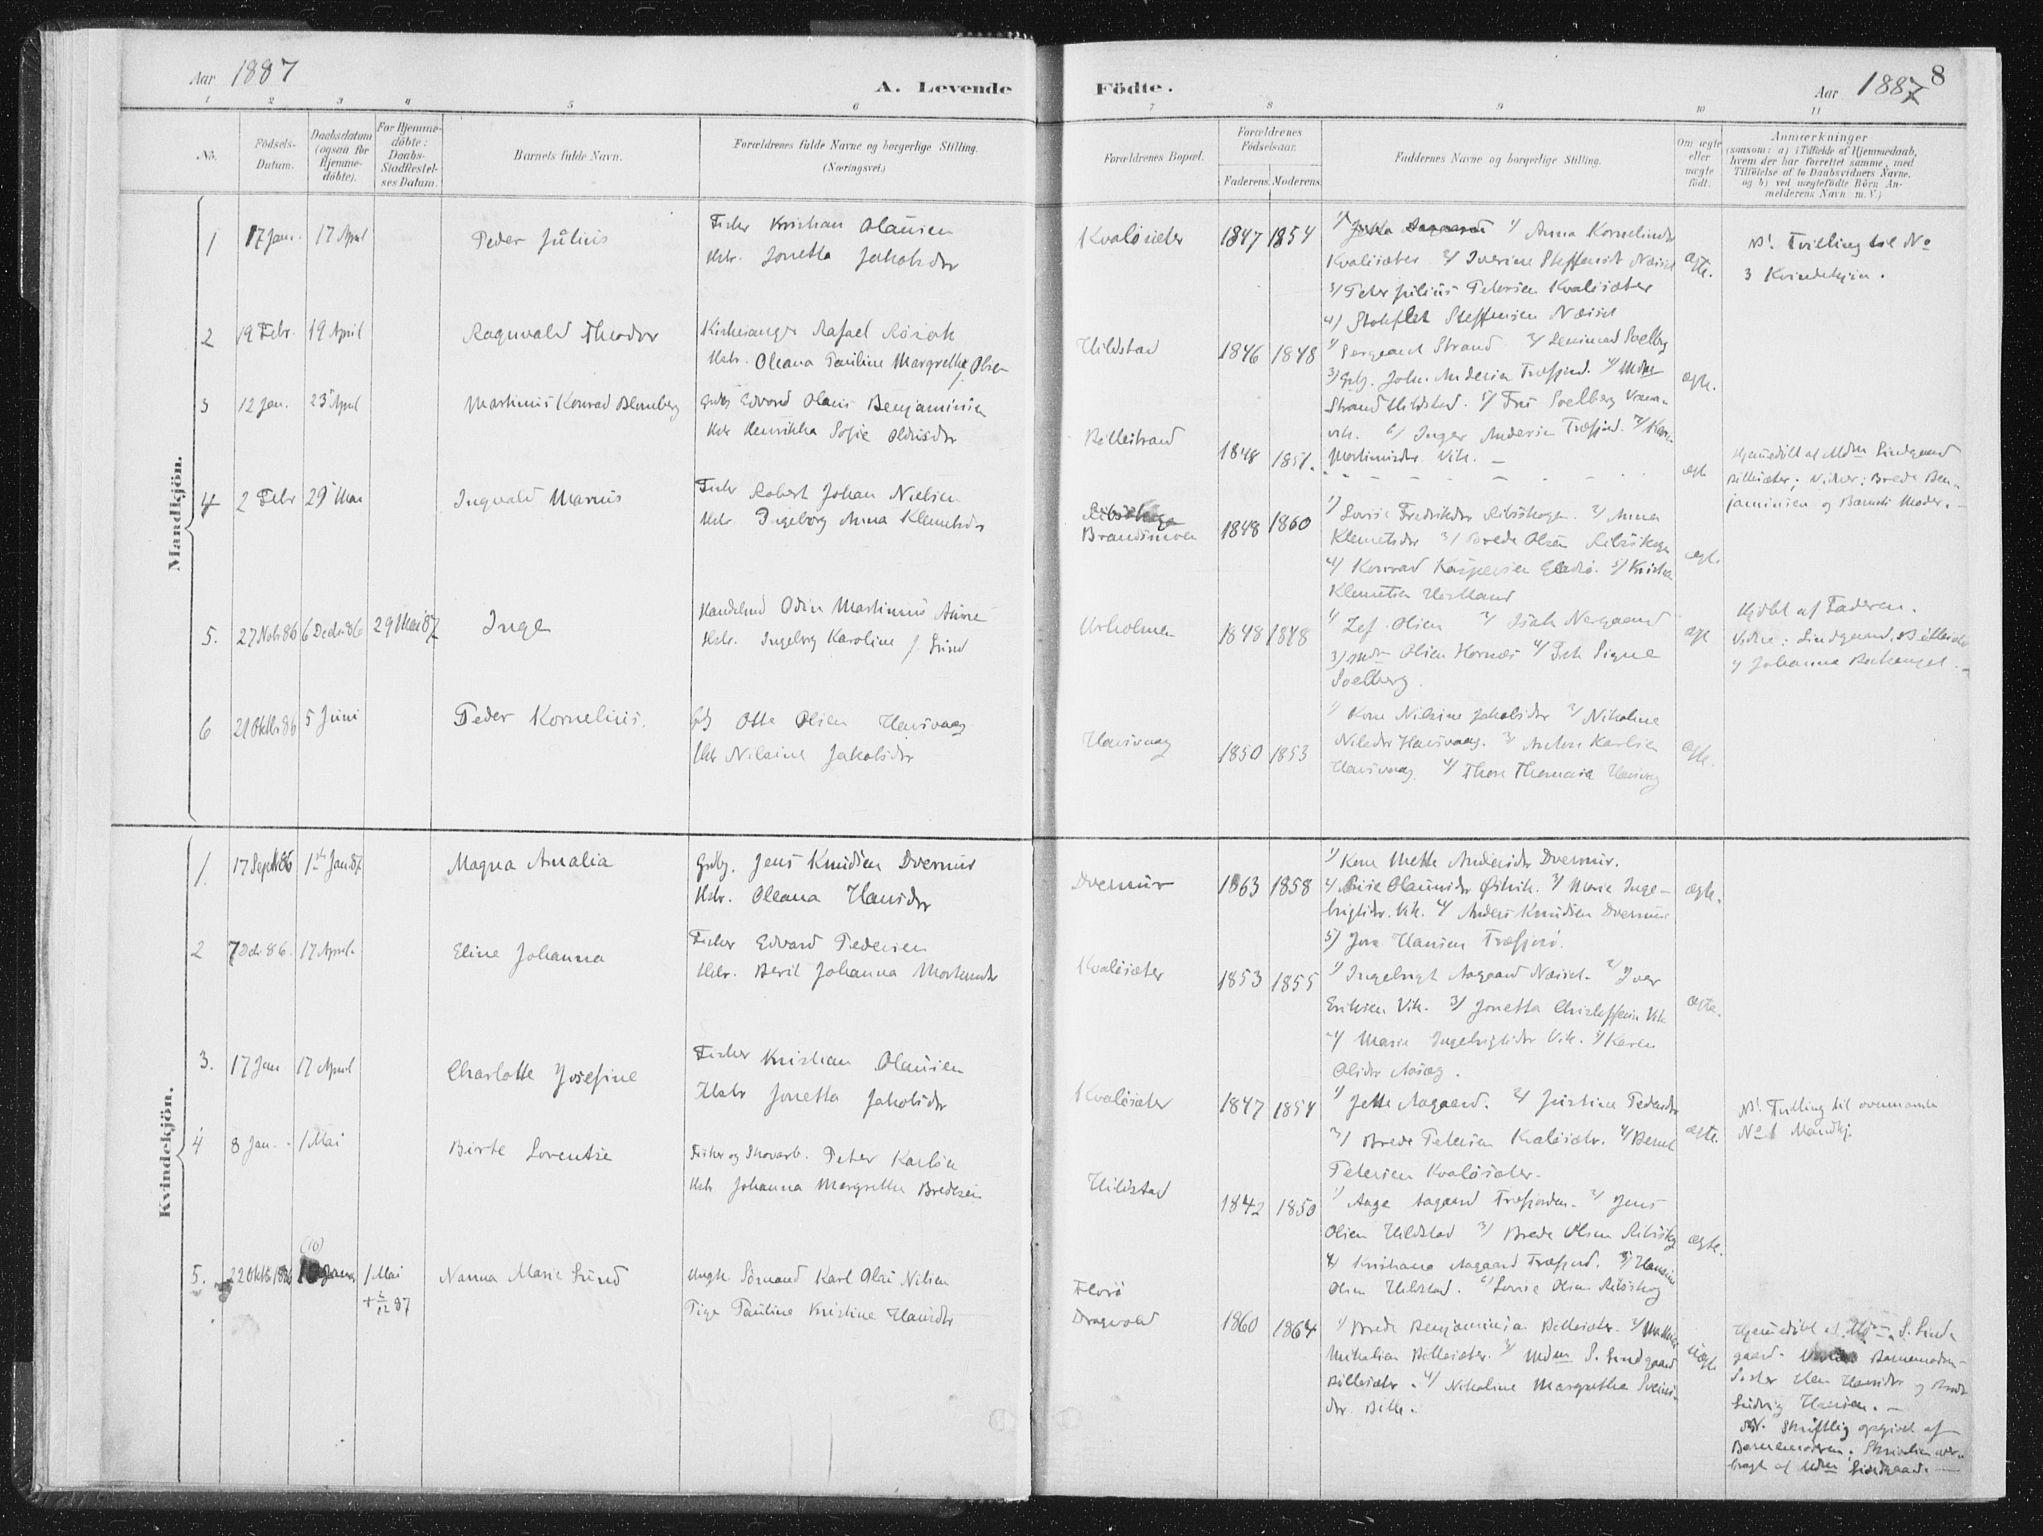 SAT, Ministerialprotokoller, klokkerbøker og fødselsregistre - Nord-Trøndelag, 771/L0597: Ministerialbok nr. 771A04, 1885-1910, s. 8